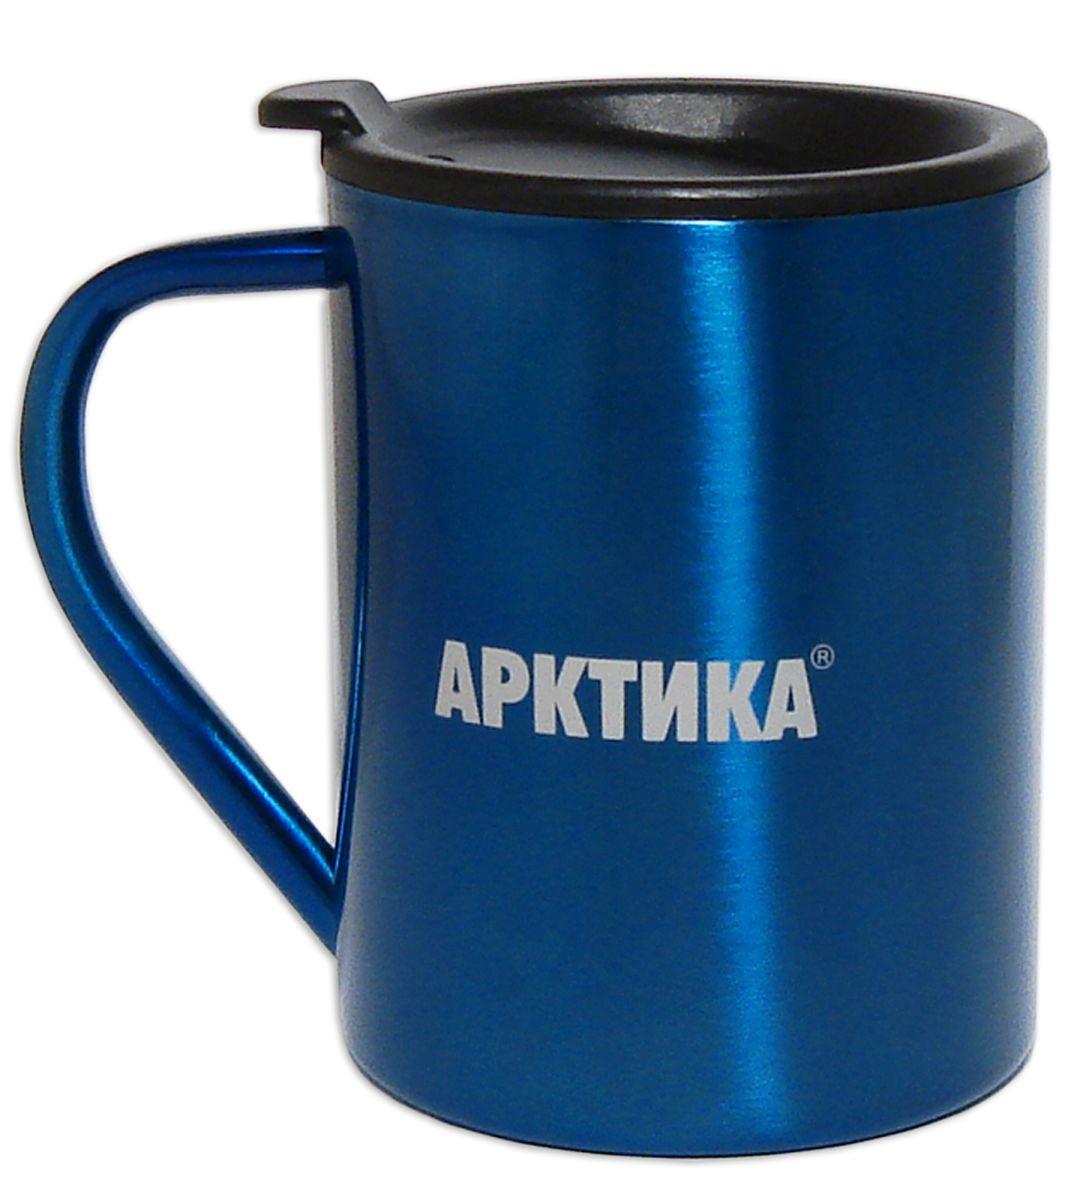 Термокружка Арктика, цвет: синий, черный, 300 мл802-300_синий, черныйТермокружка Арктика одинаково хороша и при использовании дома, если вы любите растягивать удовольствие от напитка и вам не нравится, что он так быстро остывает, и на даче, где такая посуда особенно впору в силу своей прочности, долговечности и практичности. Изделием приятно пользоваться, ведь оно не обжигает руки, его легко мыть. Термокружка выполнена из прочной нержавеющей стали, благодаря чему ее можно не бояться уронить. Имеется пластиковая крышка с силиконовой вставкой. В ней расположено отверстие, через которое можно пить. Диаметр кружки (по верхнему краю): 7,8 см. Высота кружки (без учета крышки): 9 см.